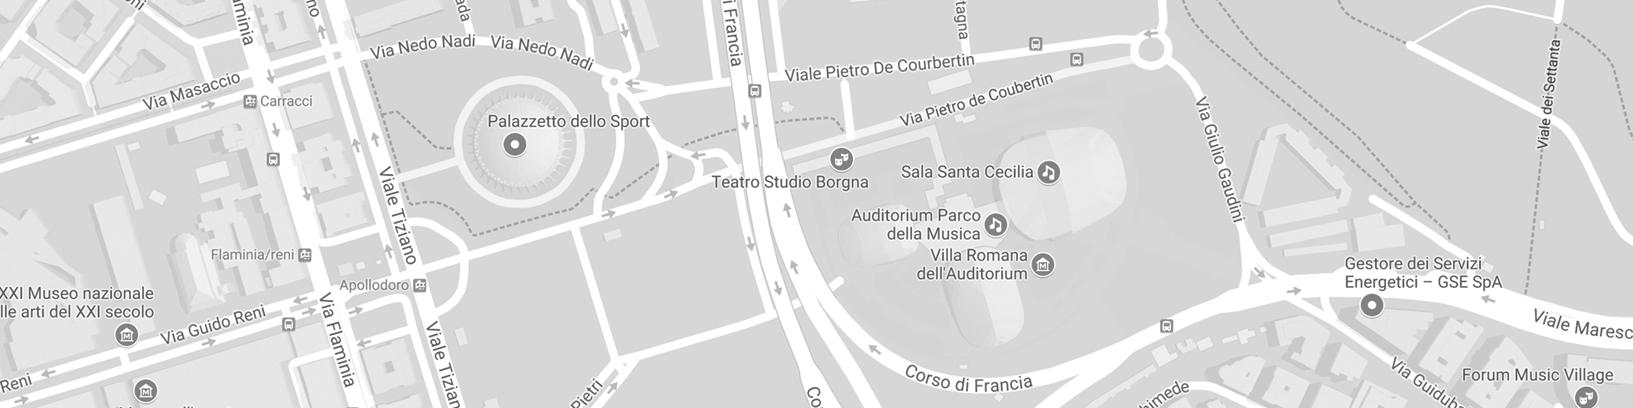 Mappa auditorium